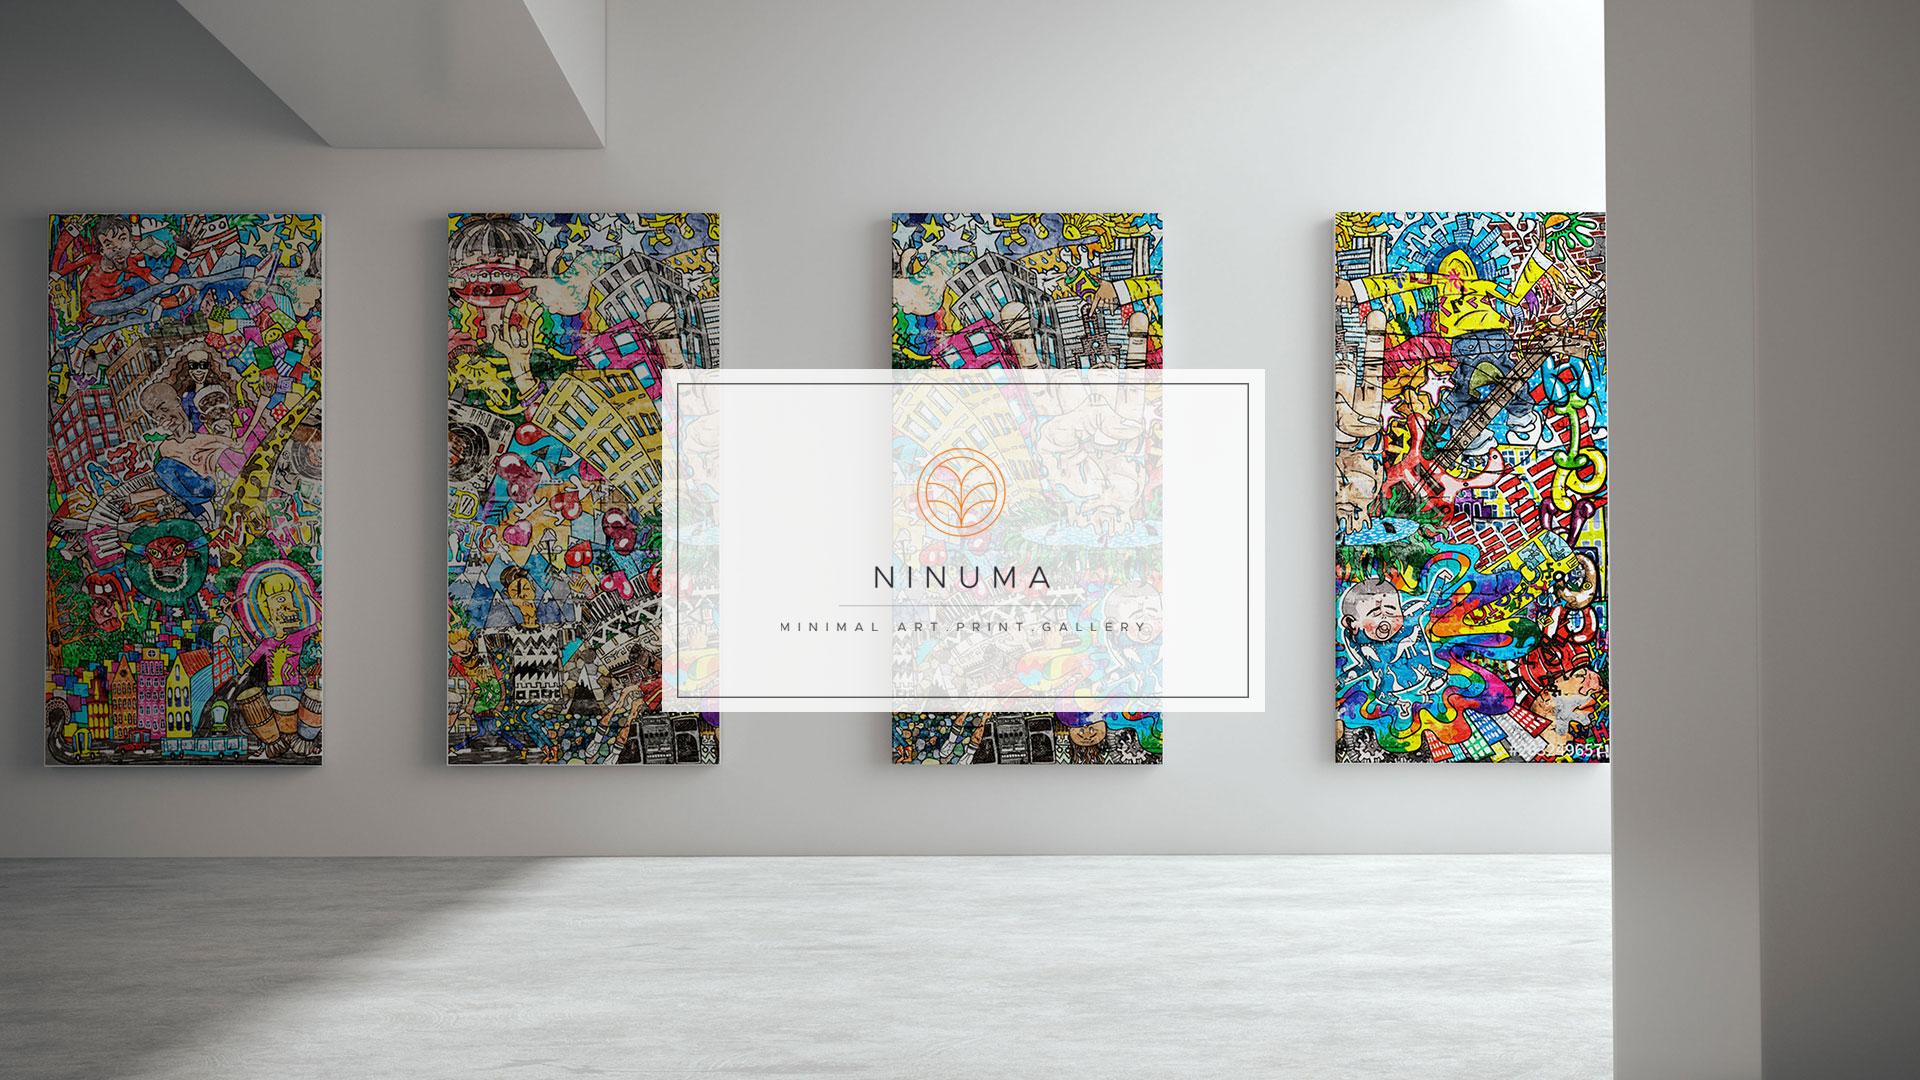 ninuma_slide02